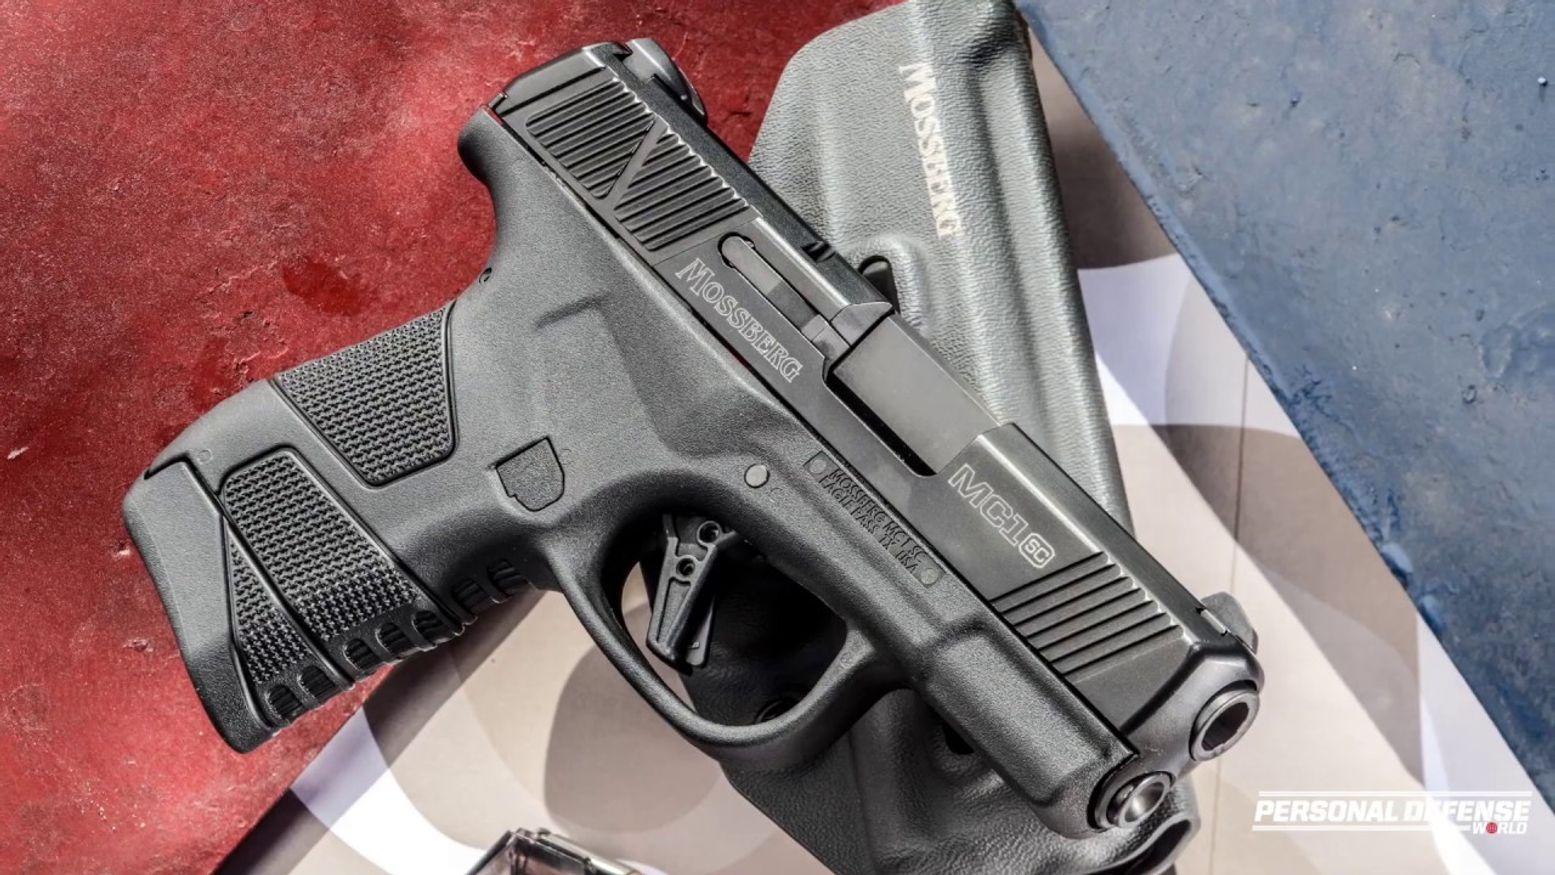 This Gun Company Usually Makes Shotguns. Can Their New Handgun Beat a